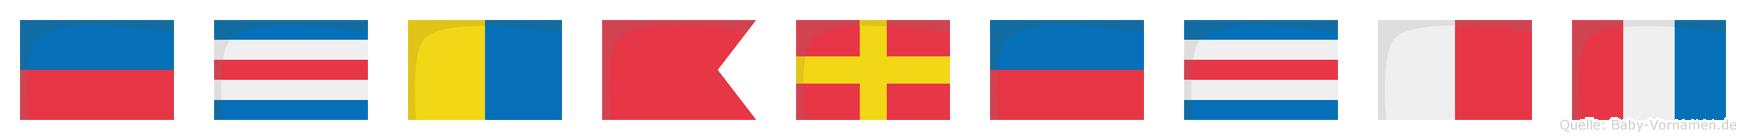 Eckbrecht im Flaggenalphabet